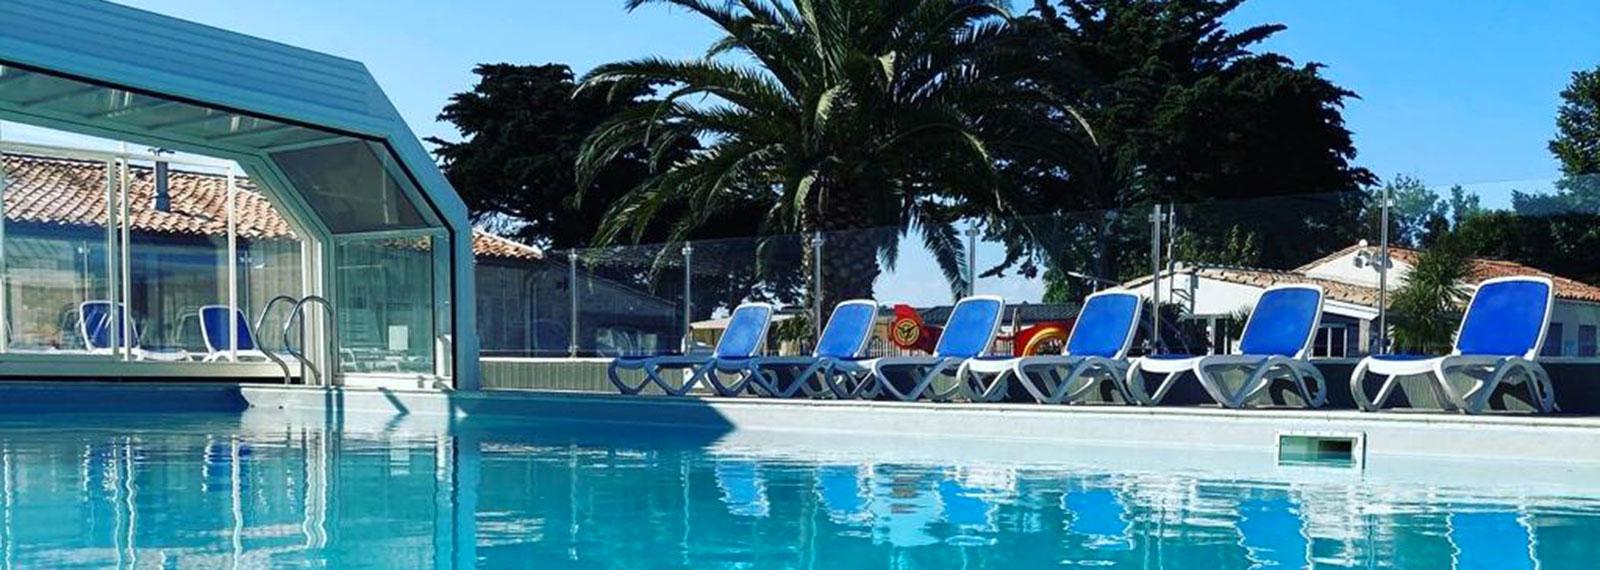 camping île de ré avec piscine couverte